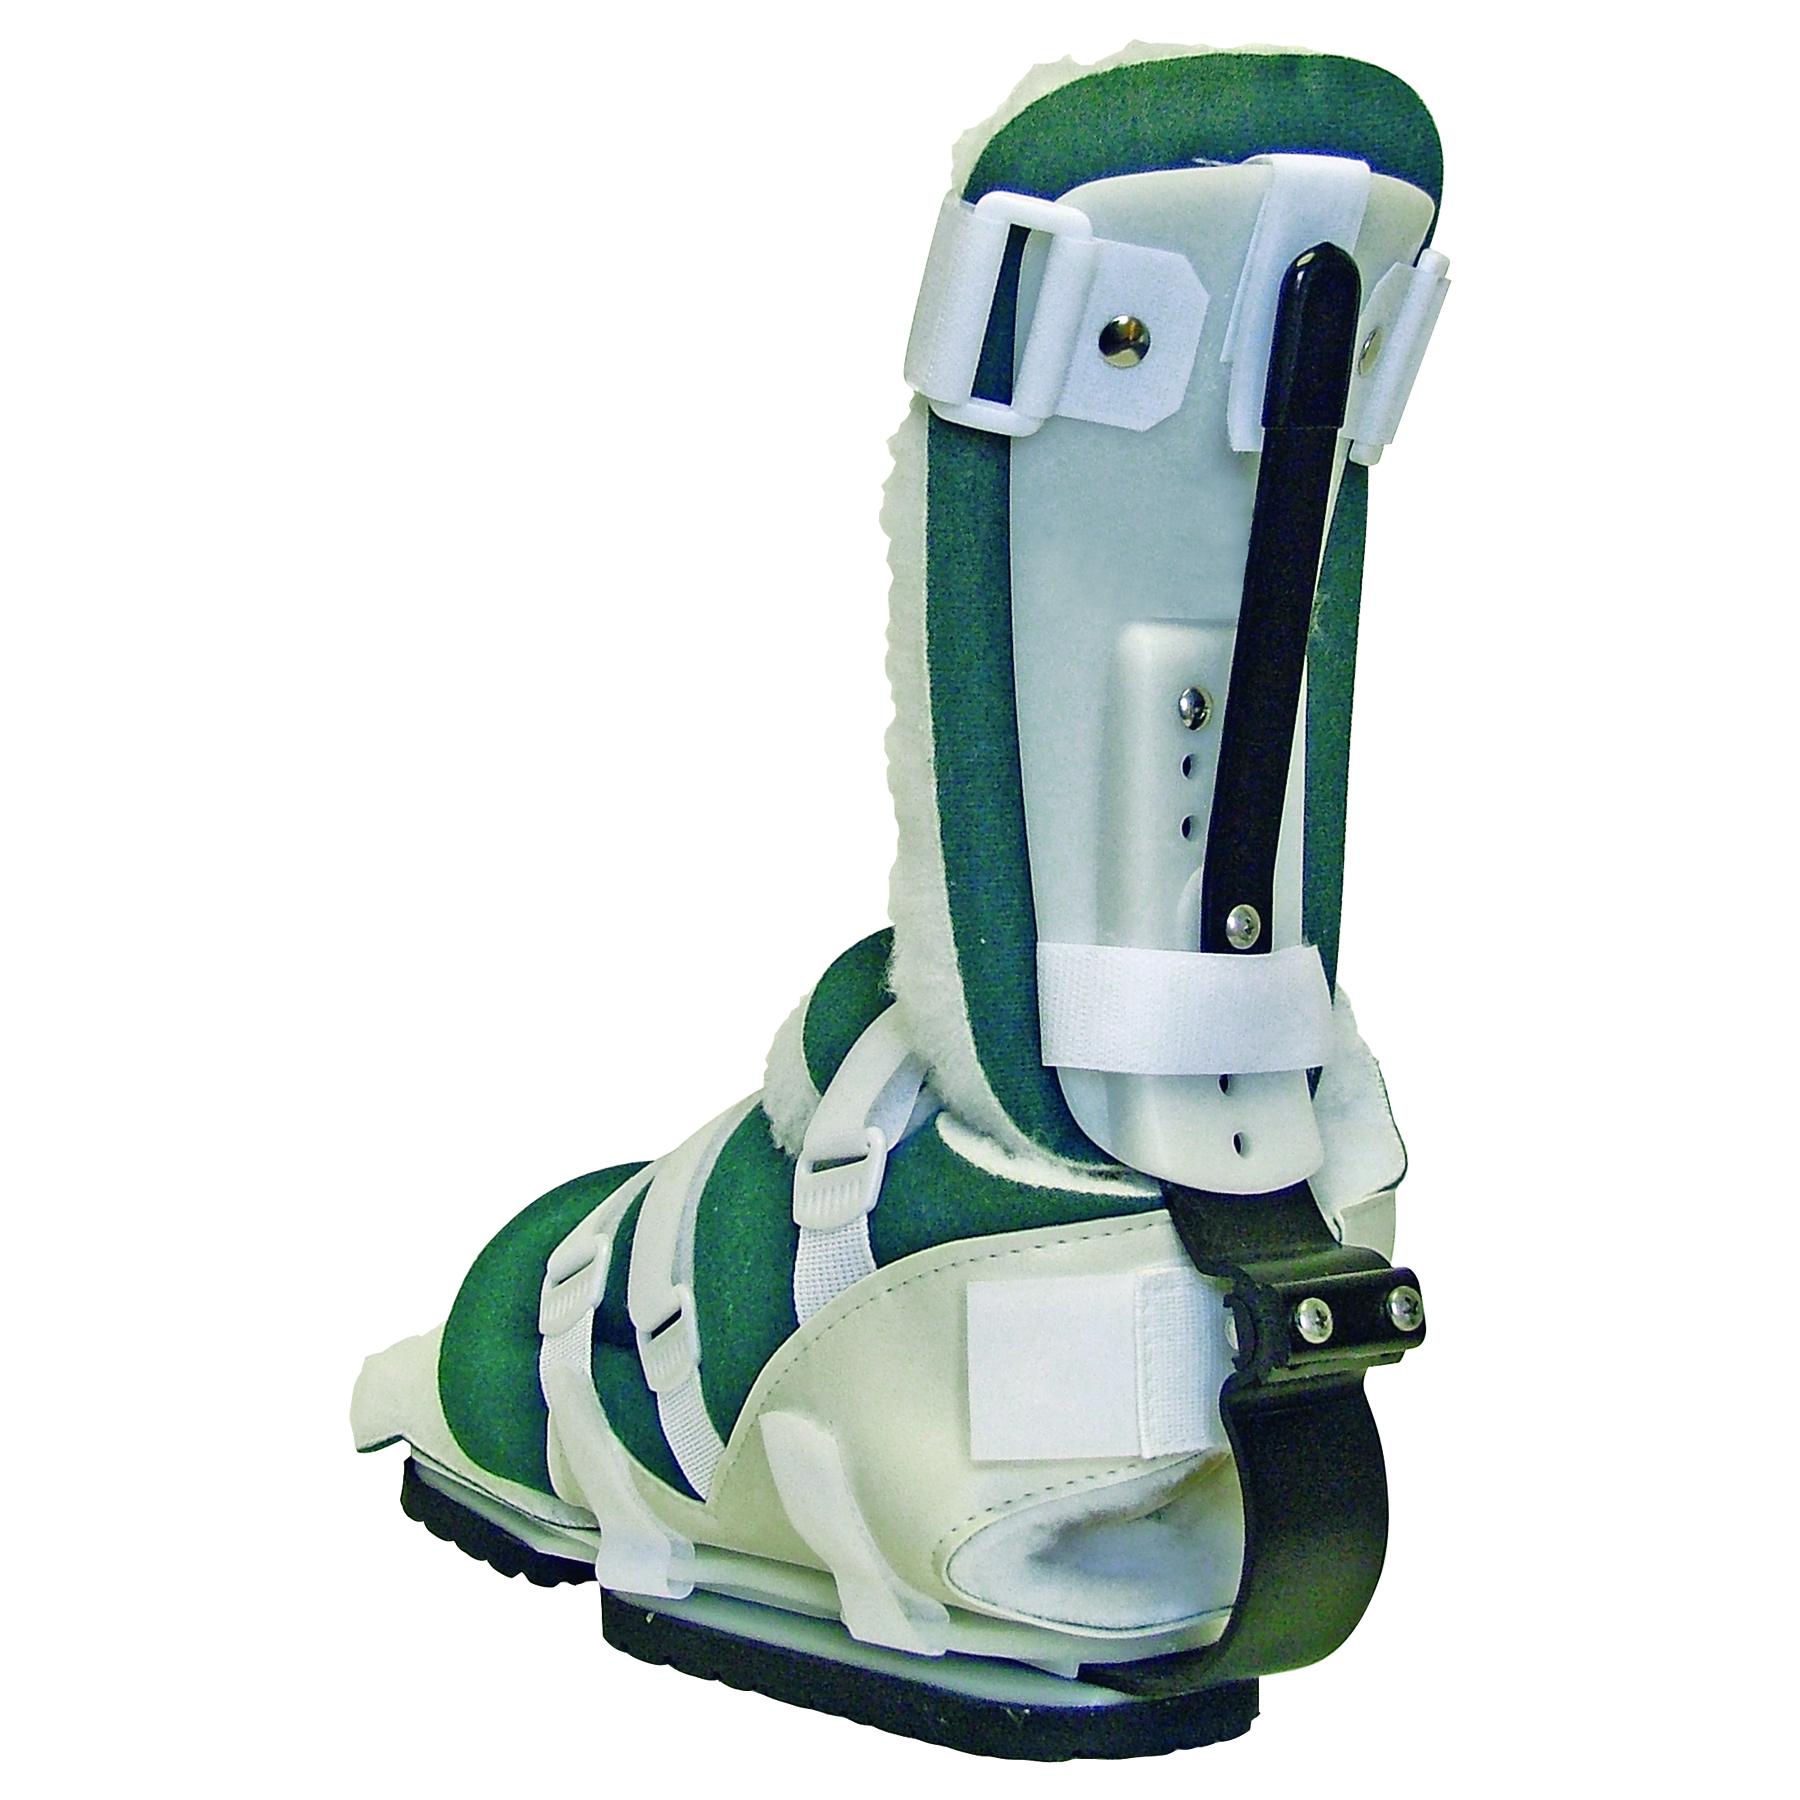 PRAFO 652SKG Ankle Foot Orthosis